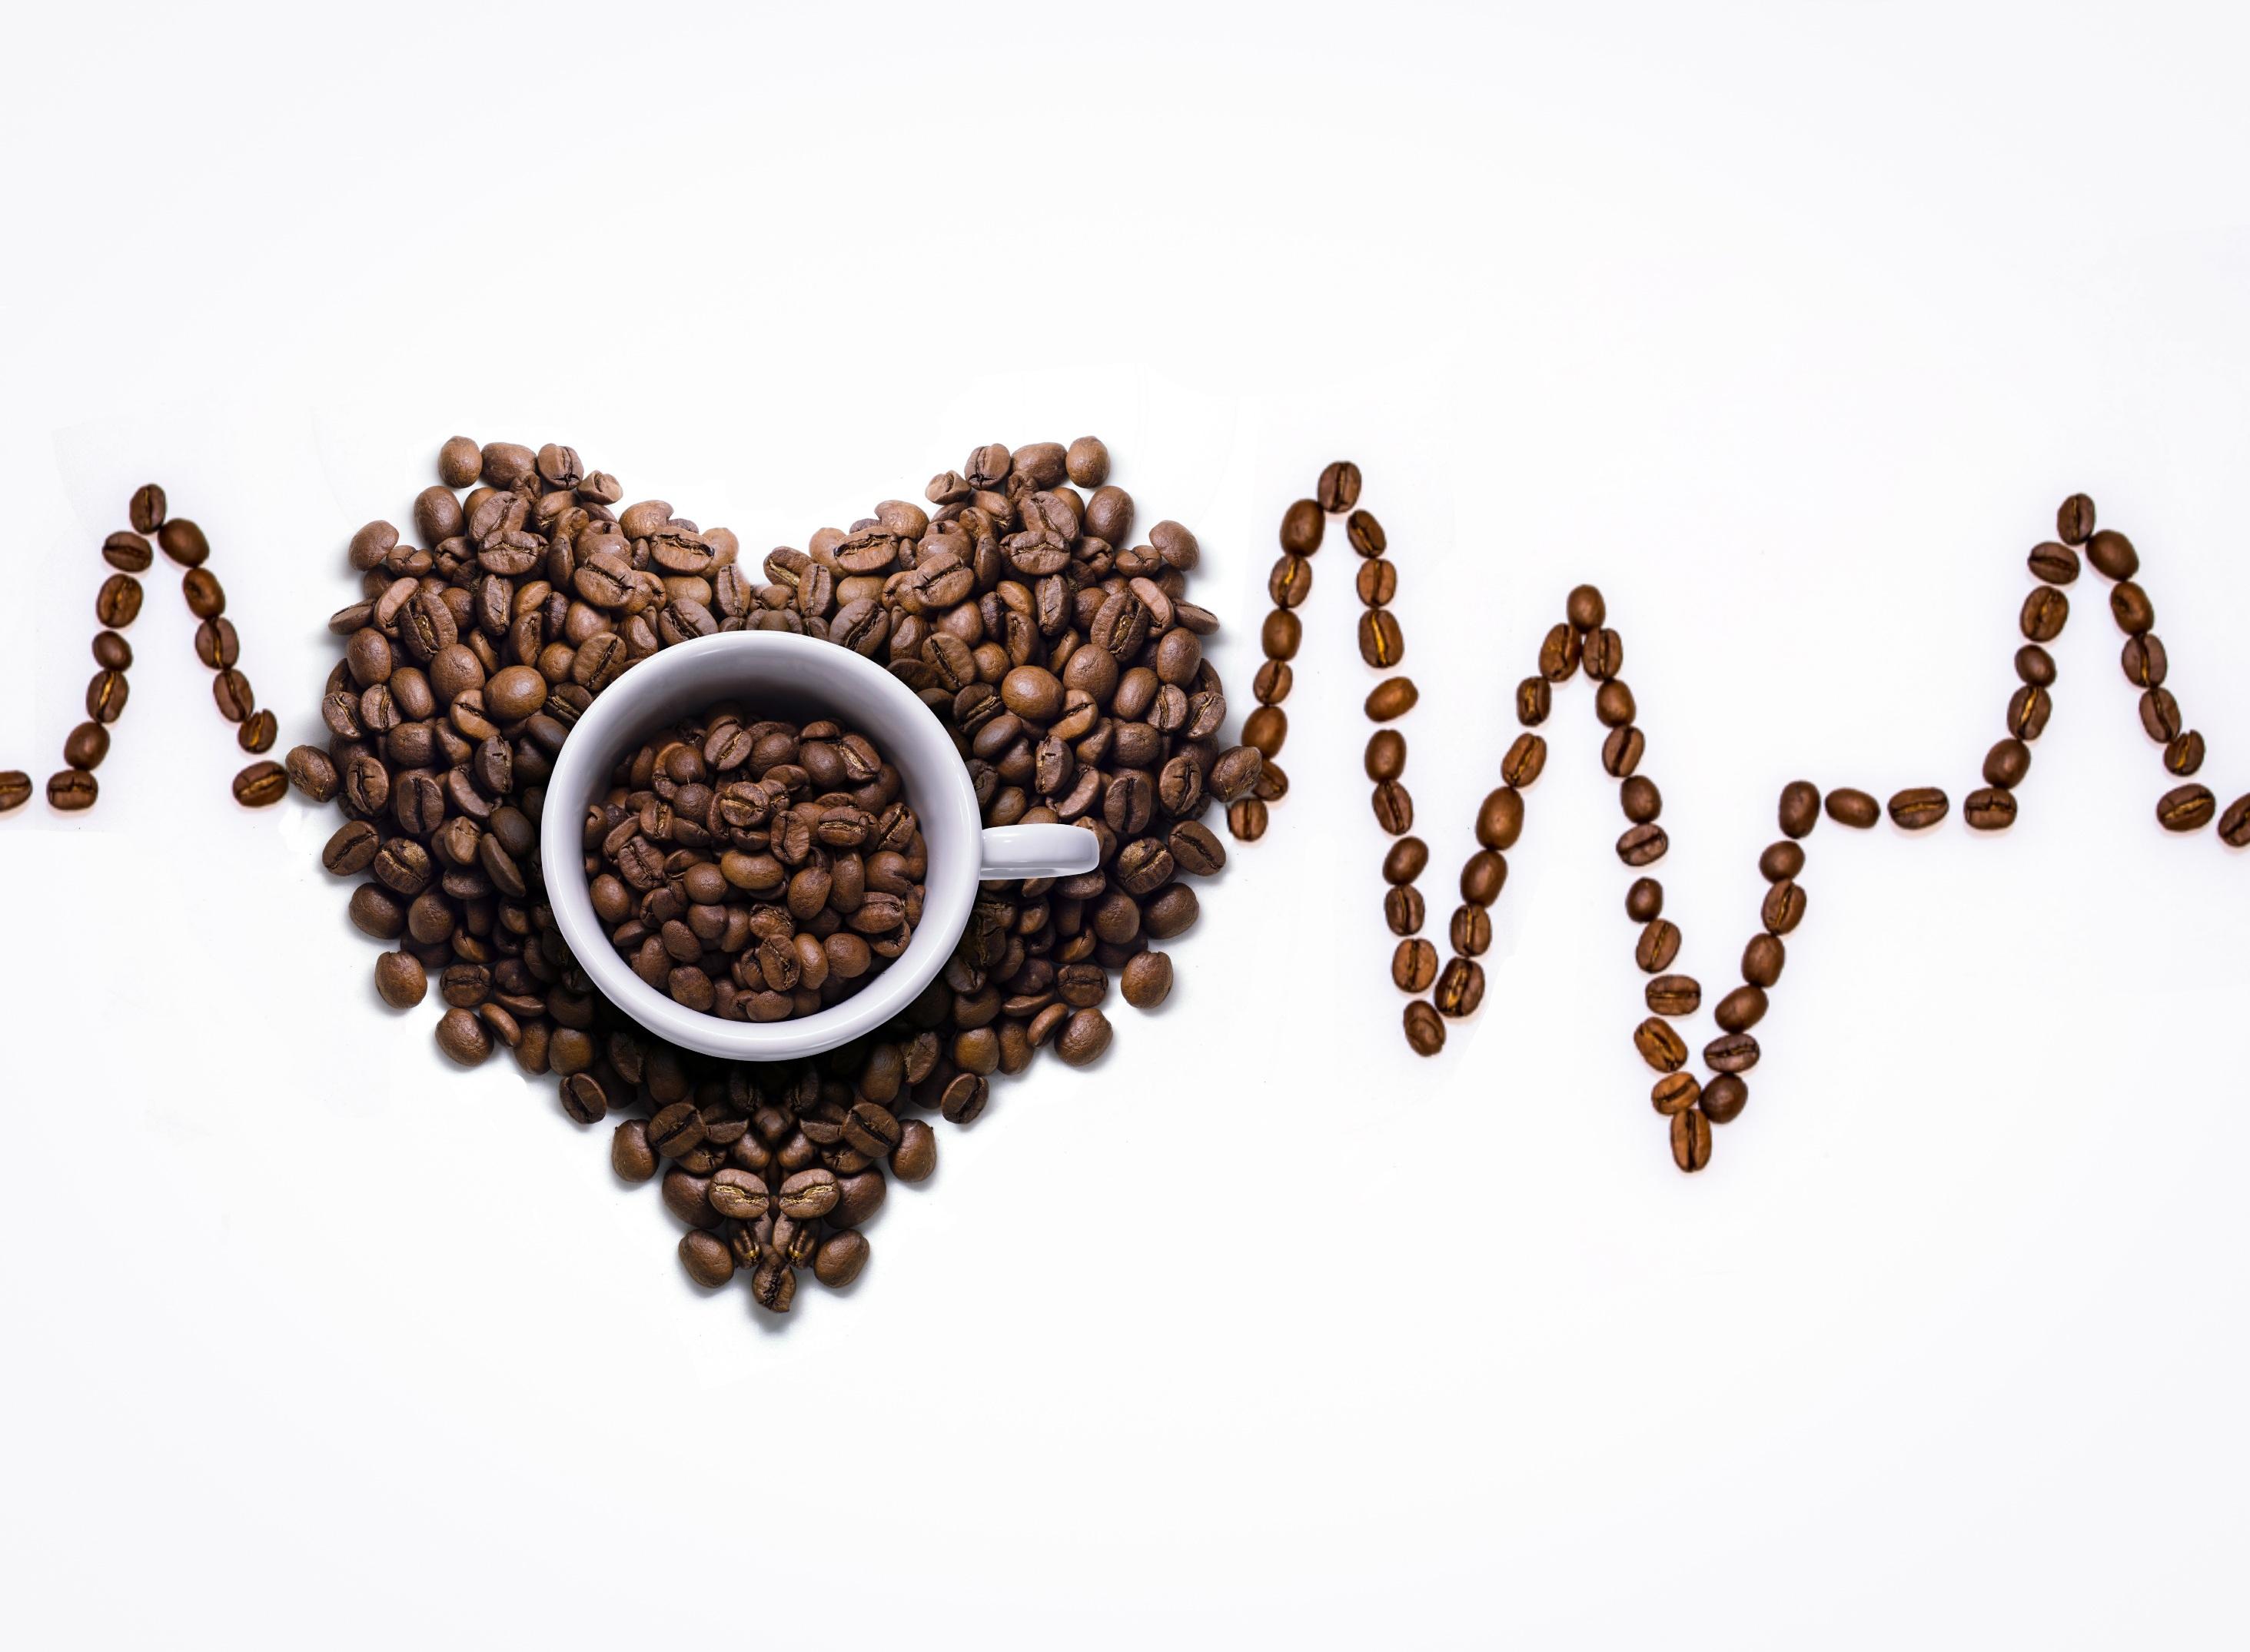 Картинка сердечко Кофе Зерна кружке Продукты питания Белый фон 2927x2149 серце Сердце сердца зерно Еда Пища кружки Кружка белом фоне белым фоном